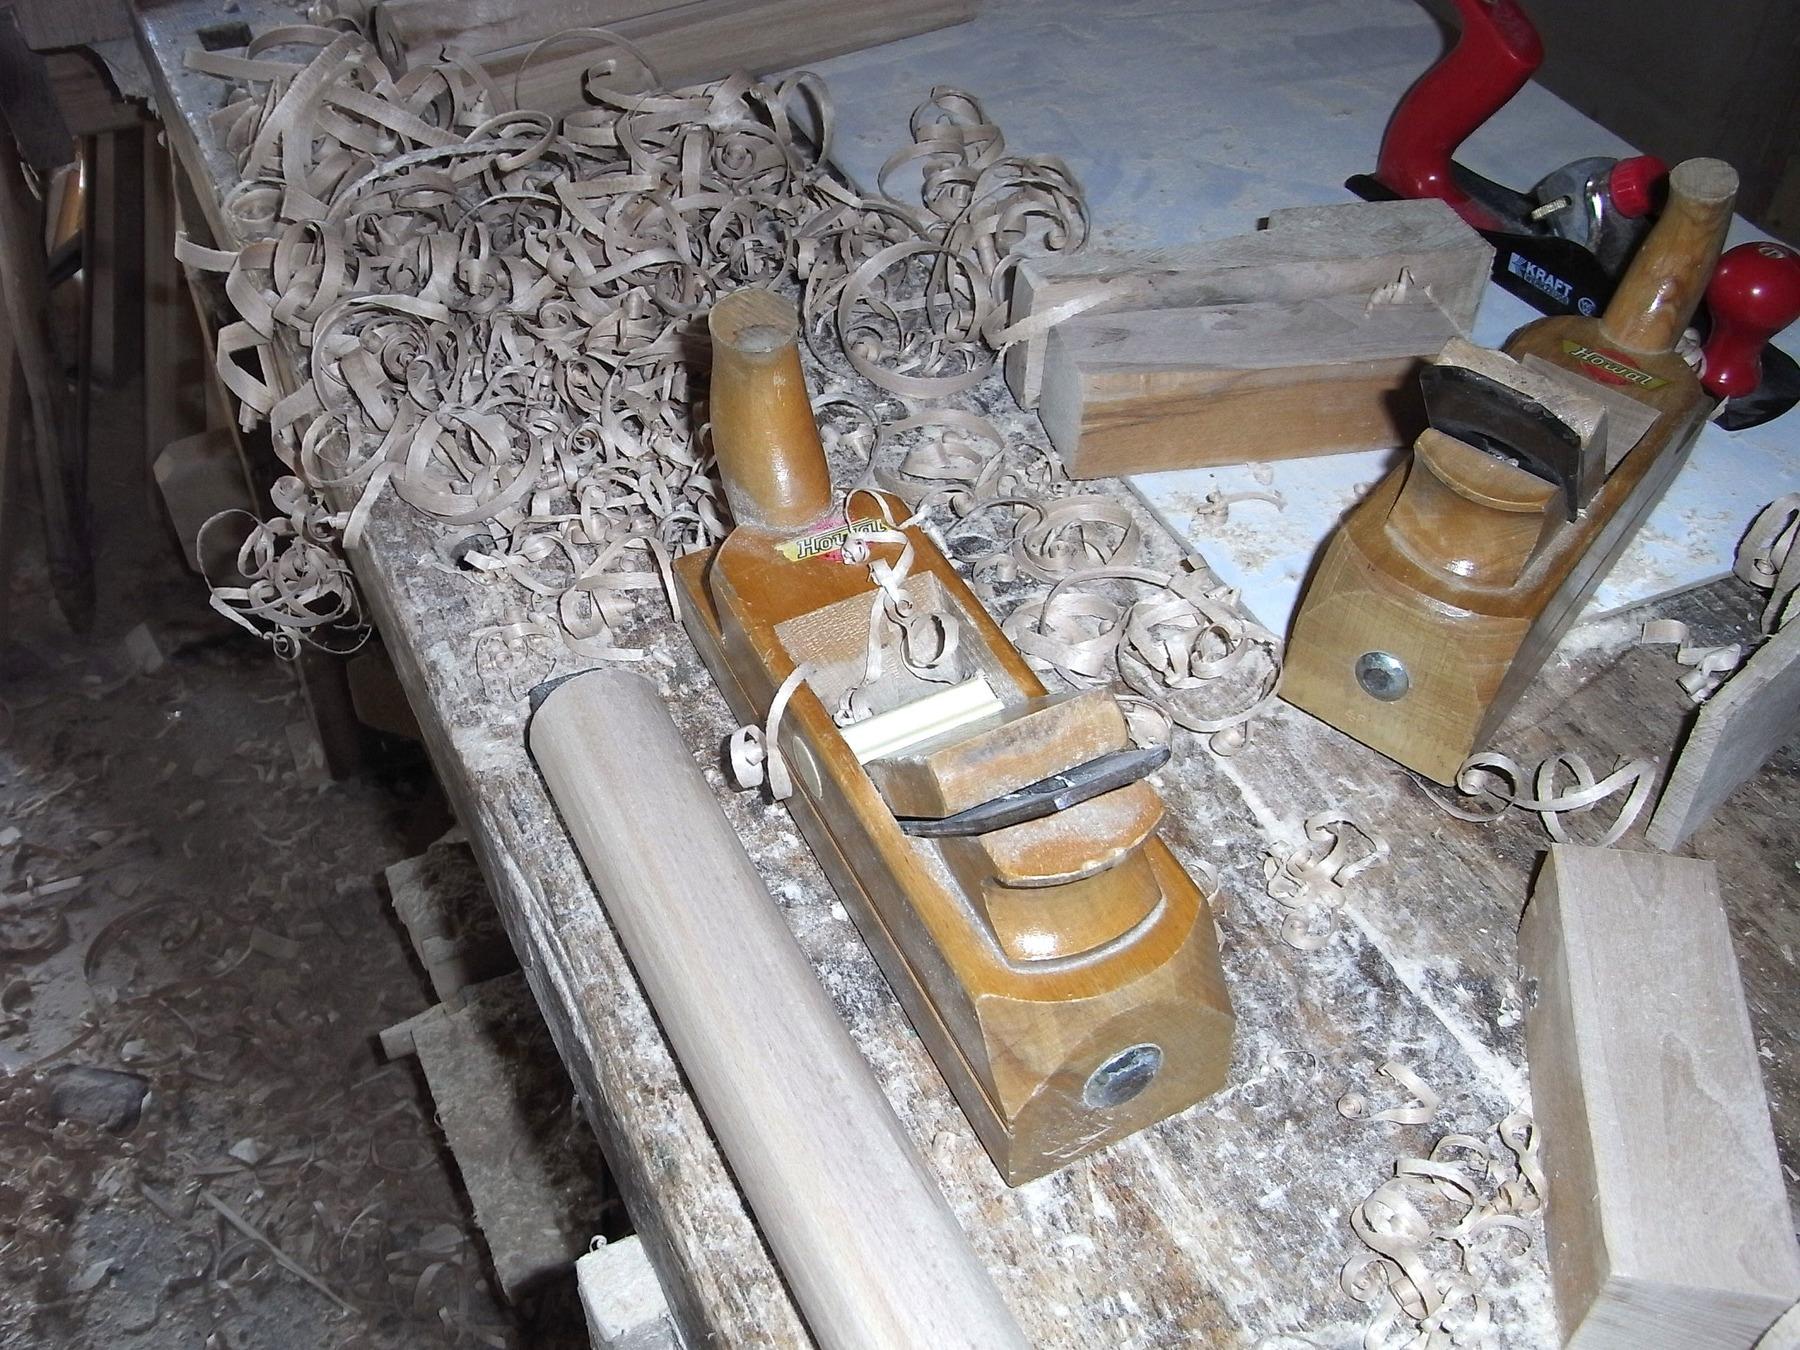 Treppengeländer Holz Restaurieren ~   Holz verrichte ich gerne mit dem Handhobel Das ist eine Arbeit, bei